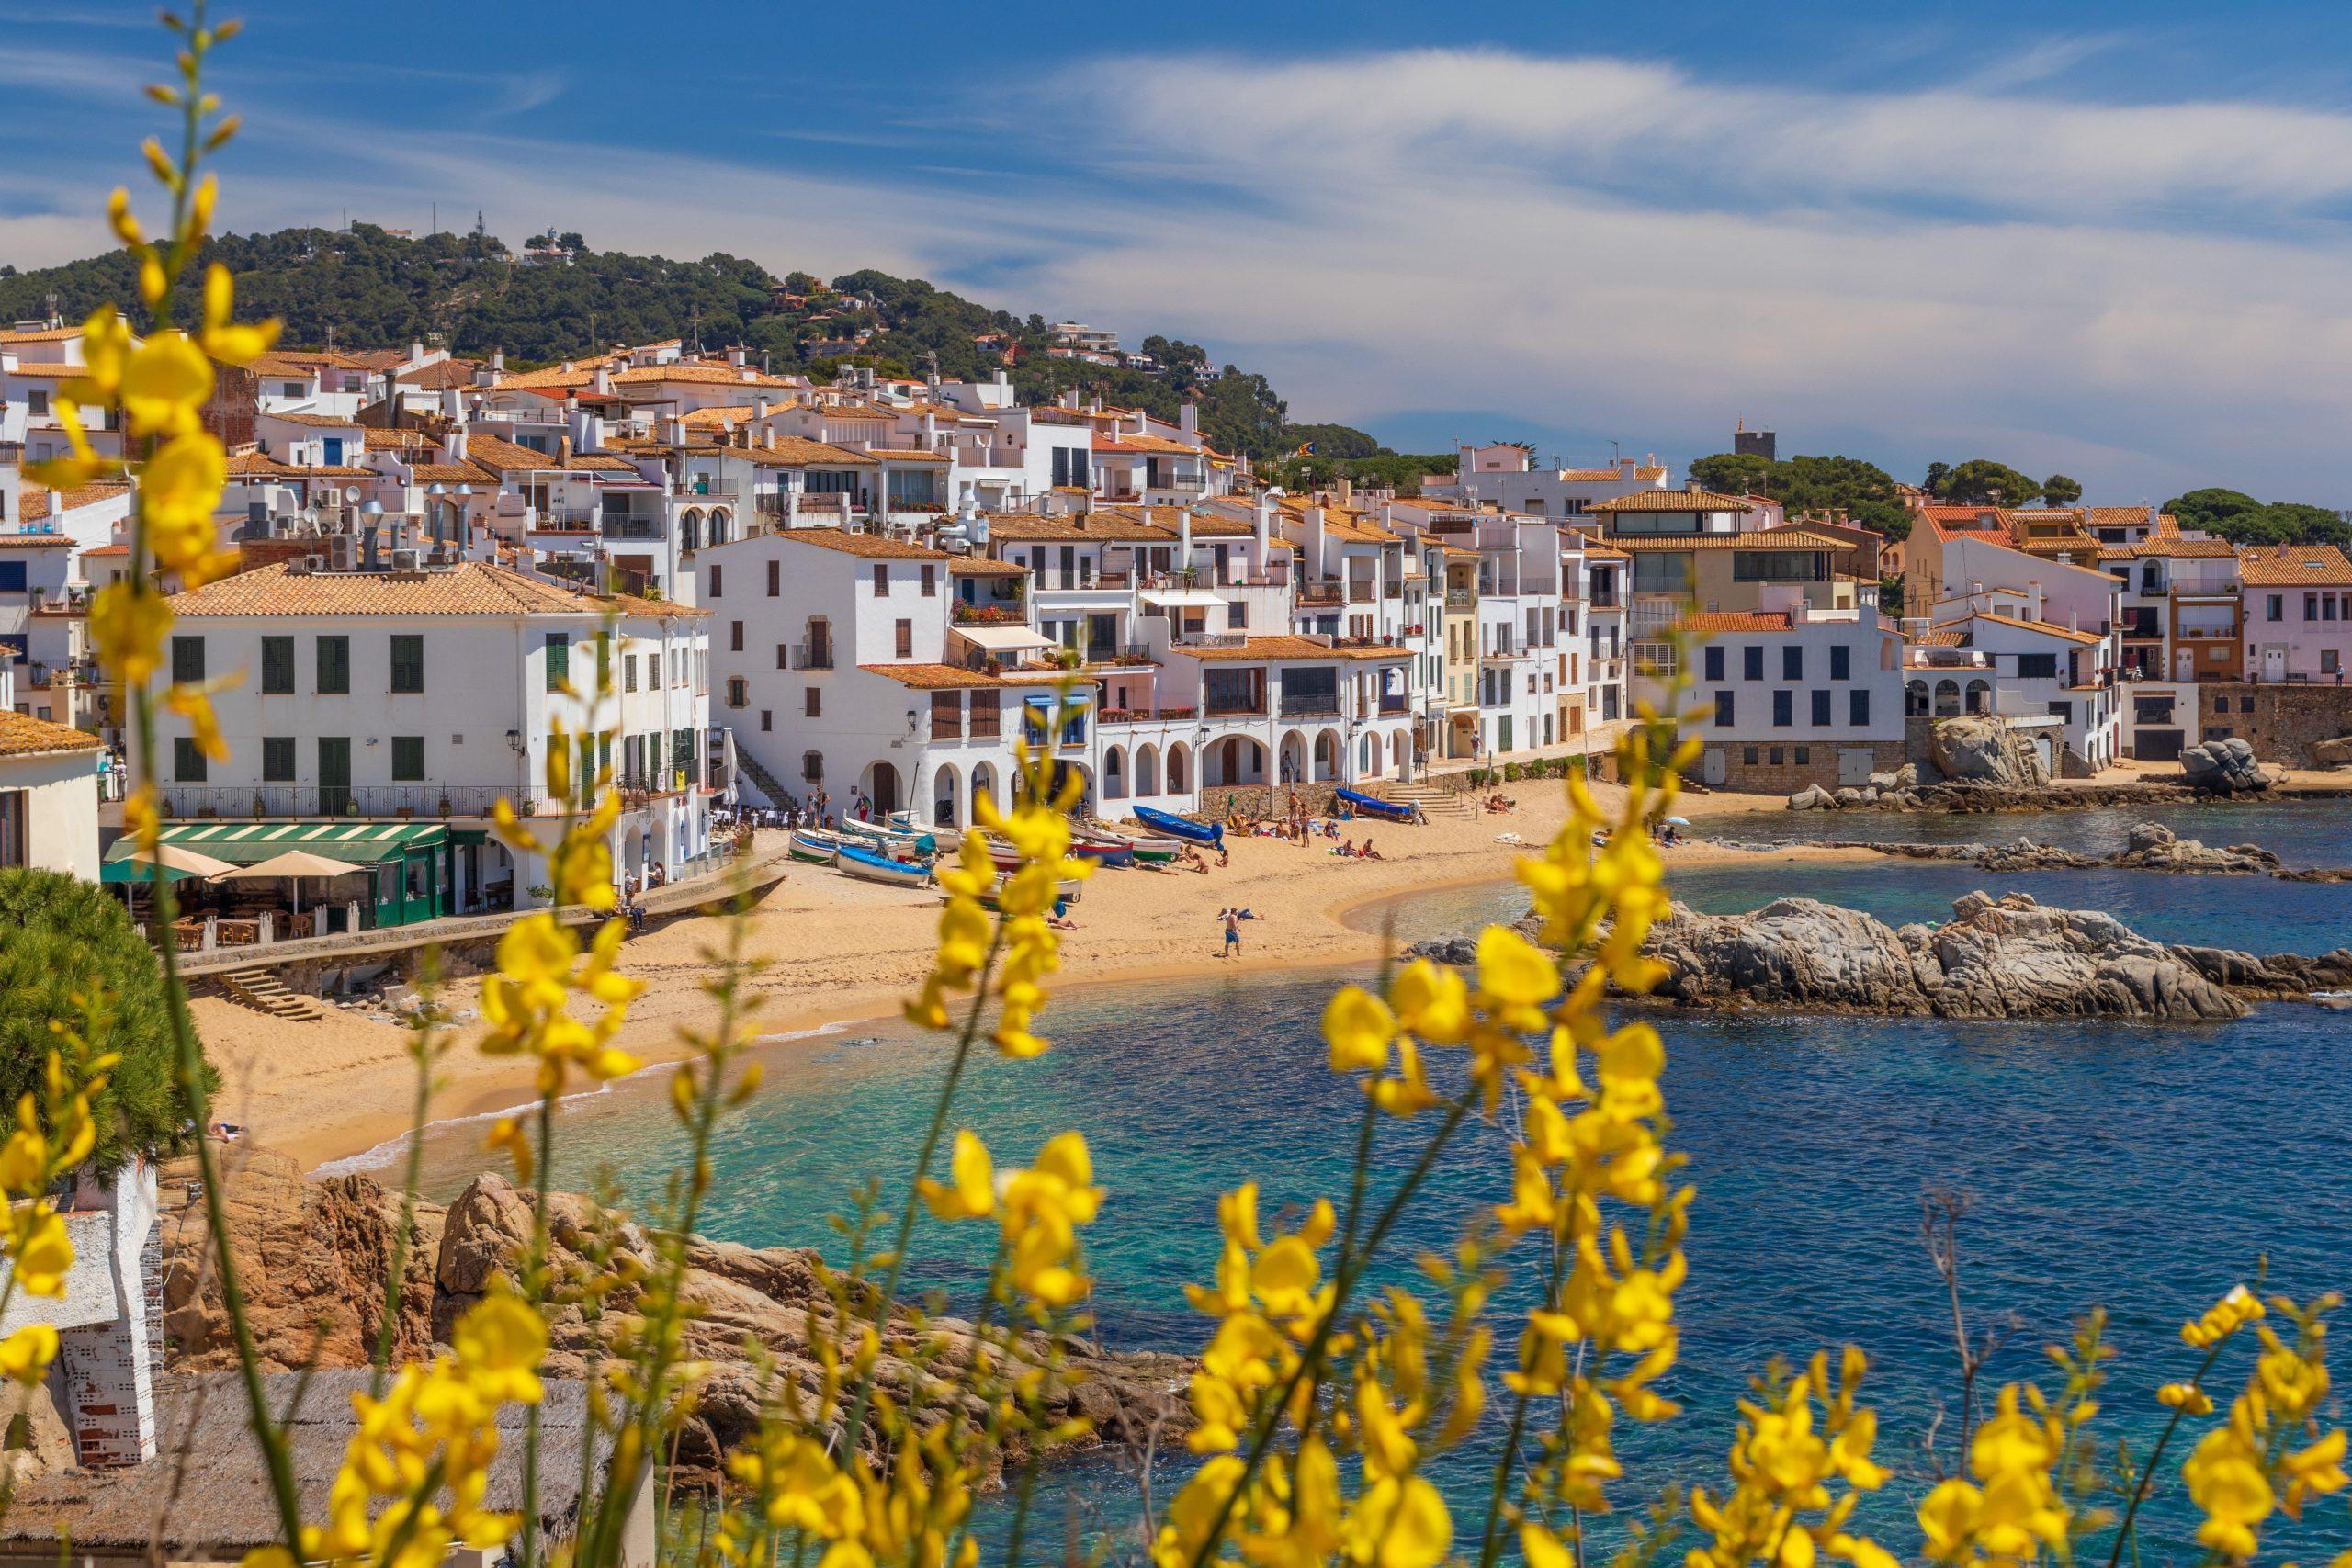 Solo en abril y lo que va de mayo, Kiwi.com ha registrado más de 40 millones de búsquedas procedentes de toda Europa para viajar a España entre junio y septiembre